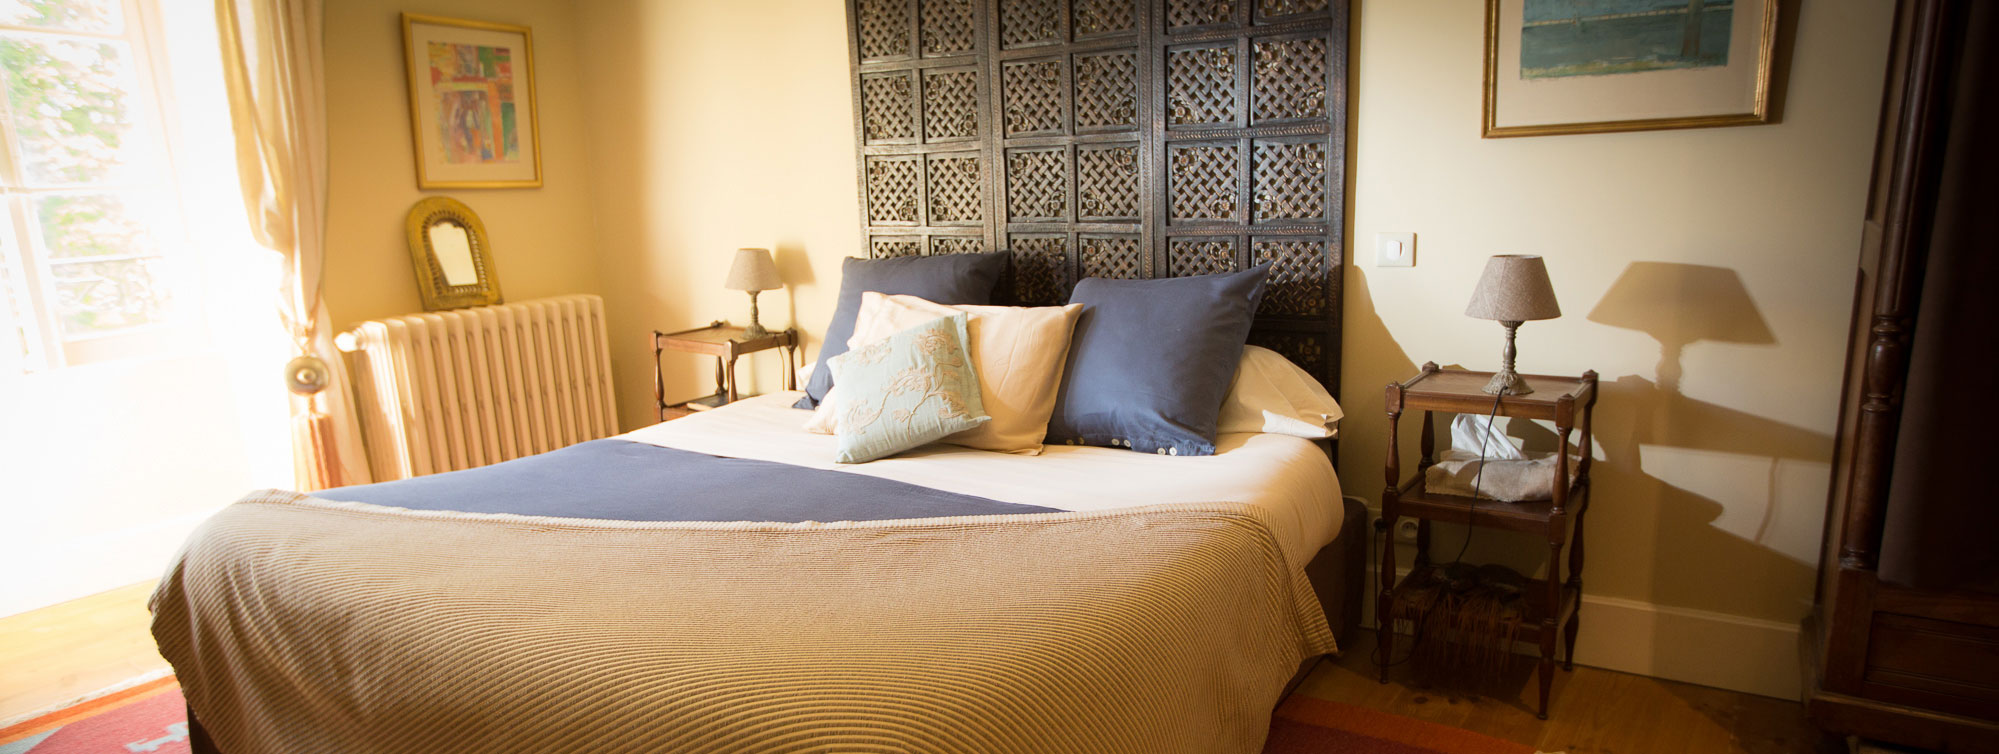 Chambres et et suites d'hôtes du Château de Maumont ©Chateau de Maumont